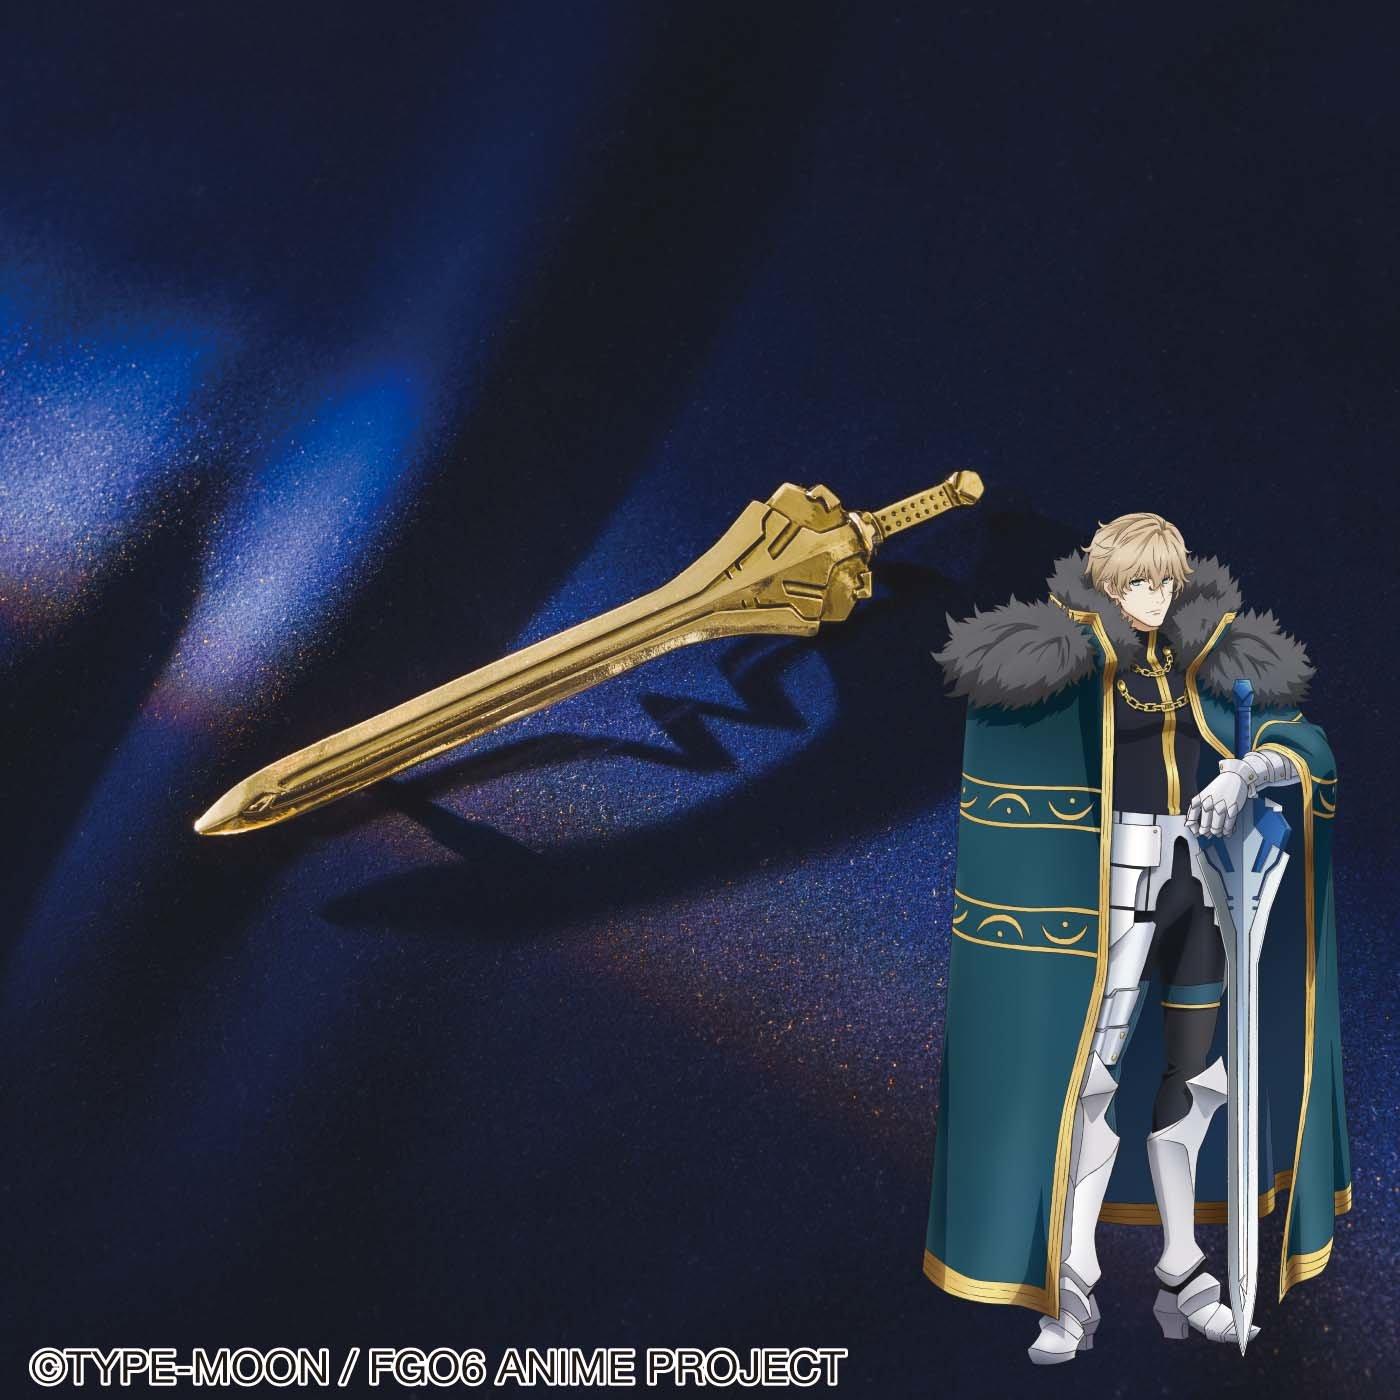 劇場版Fate/Grand Order-神聖円卓領域キャメロット- 円卓の騎士 バレッタ〈ガラティーン〉